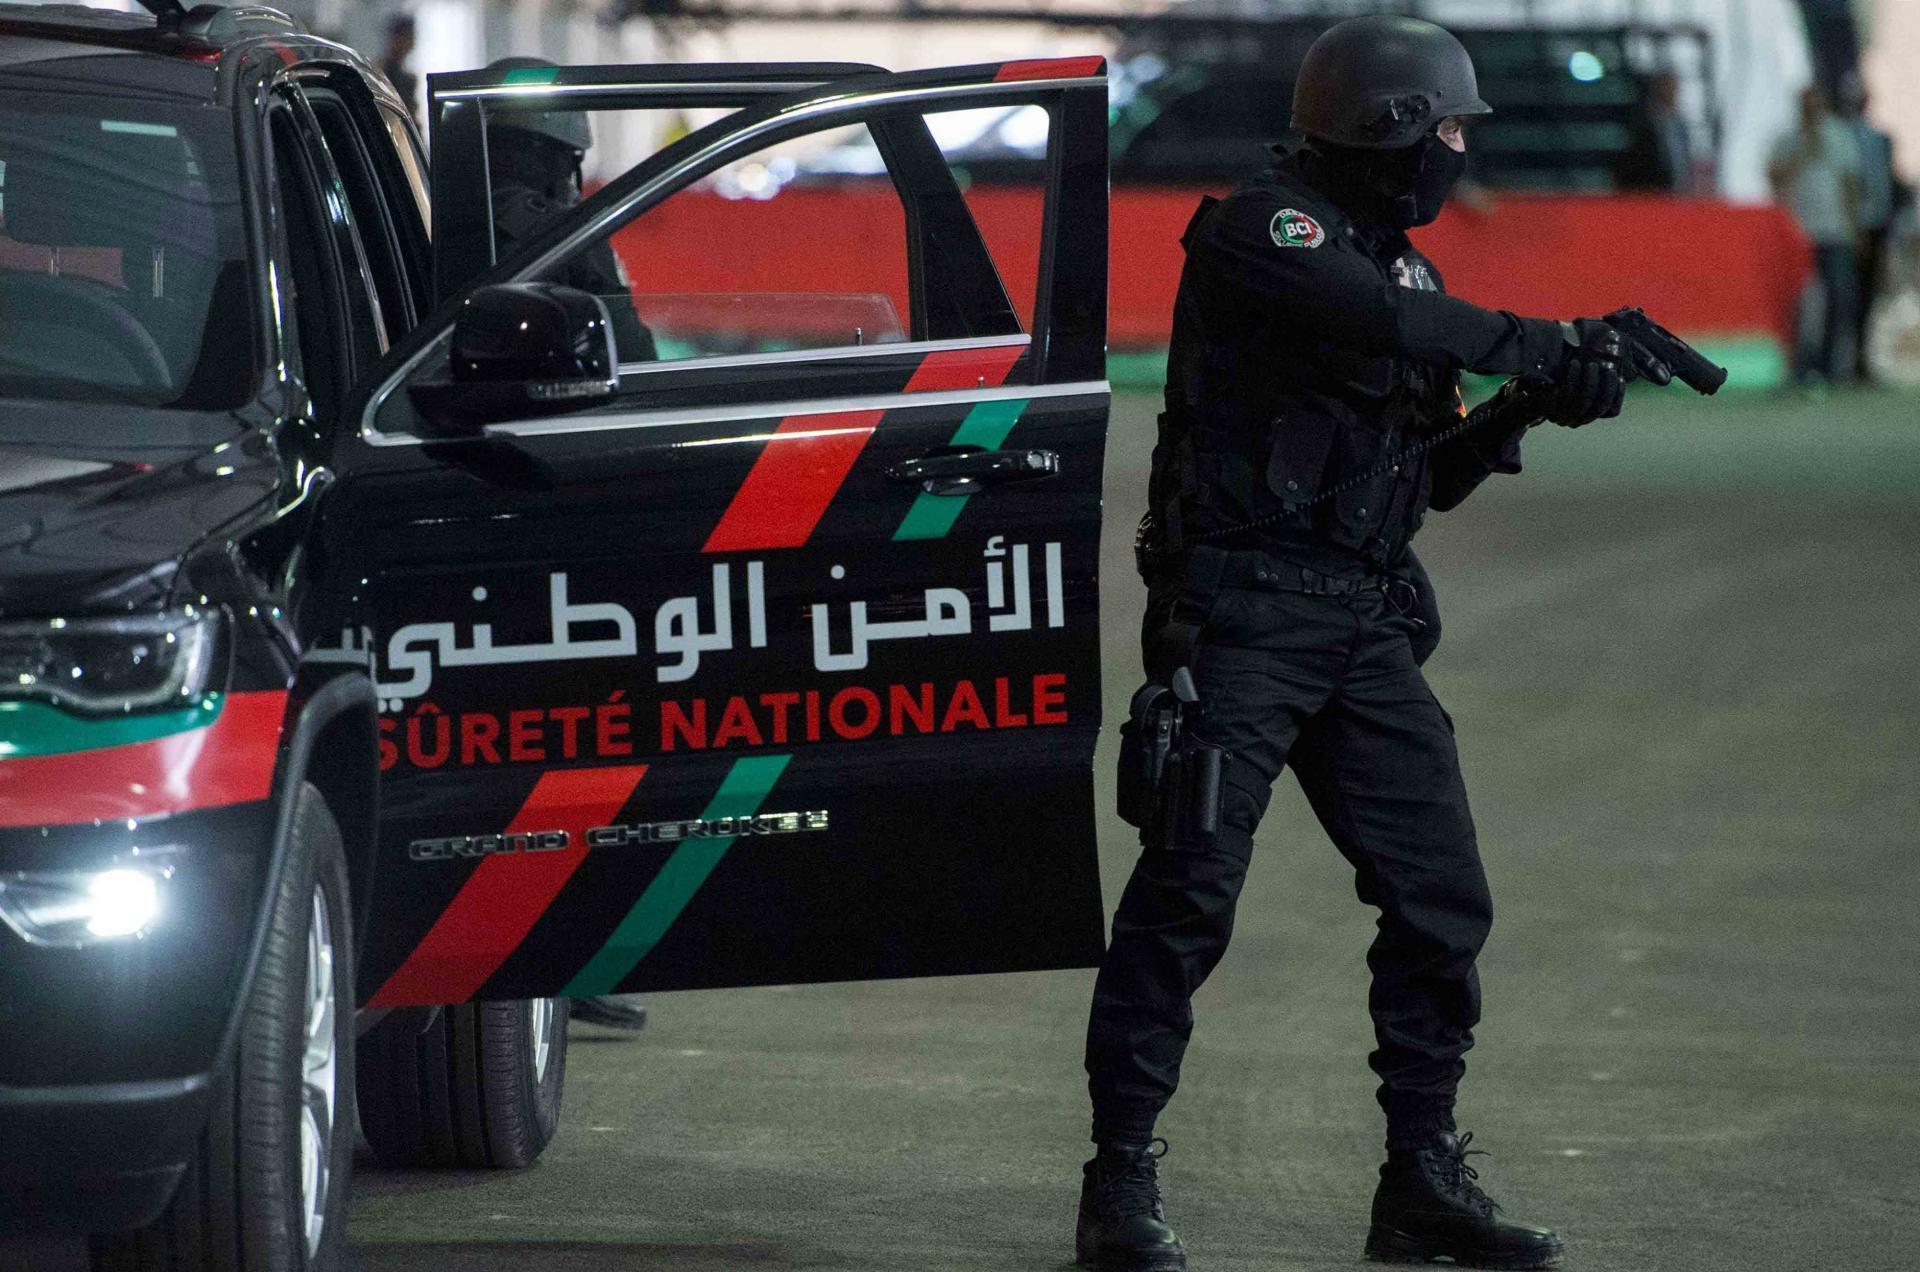 ضبط بيت للدعارة في المغرب